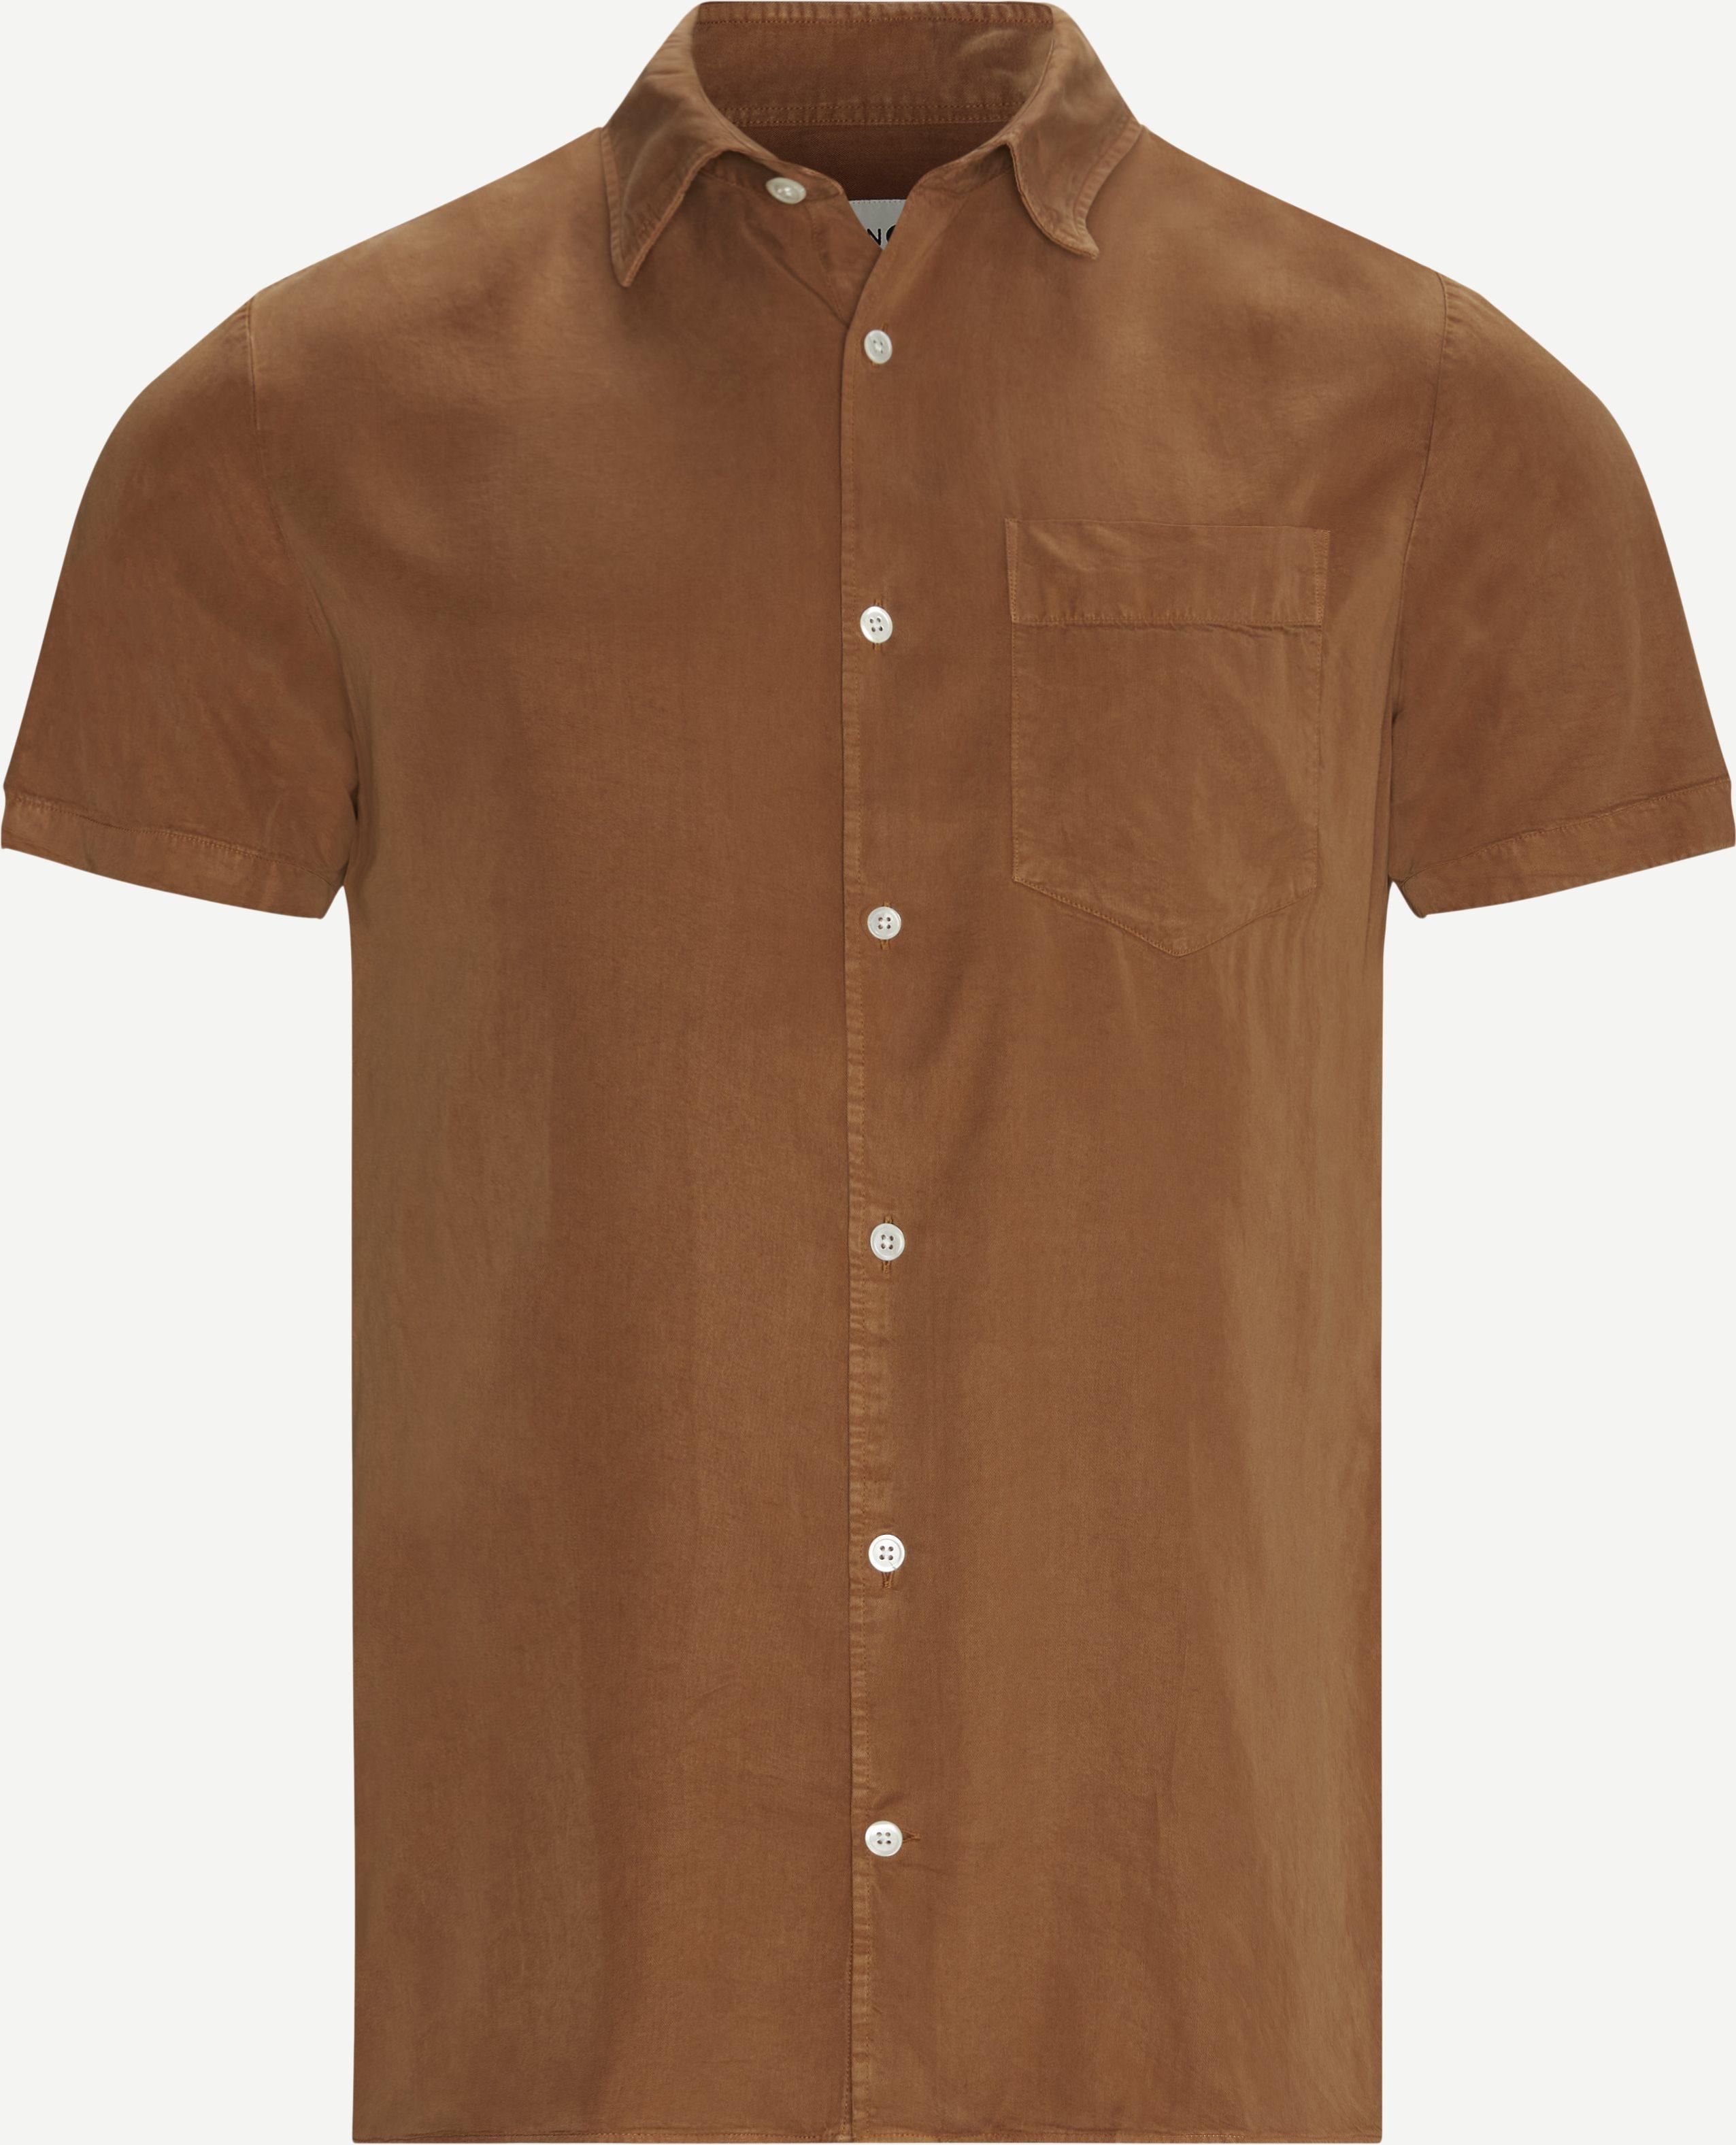 Kurzärmlige Hemden - Regular - Braun